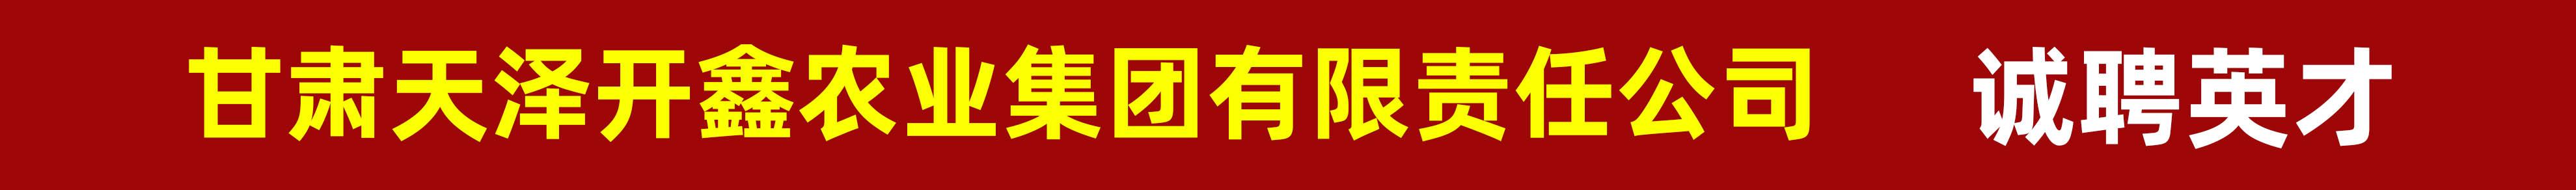 甘肃天泽开鑫农业集团有限责任公司